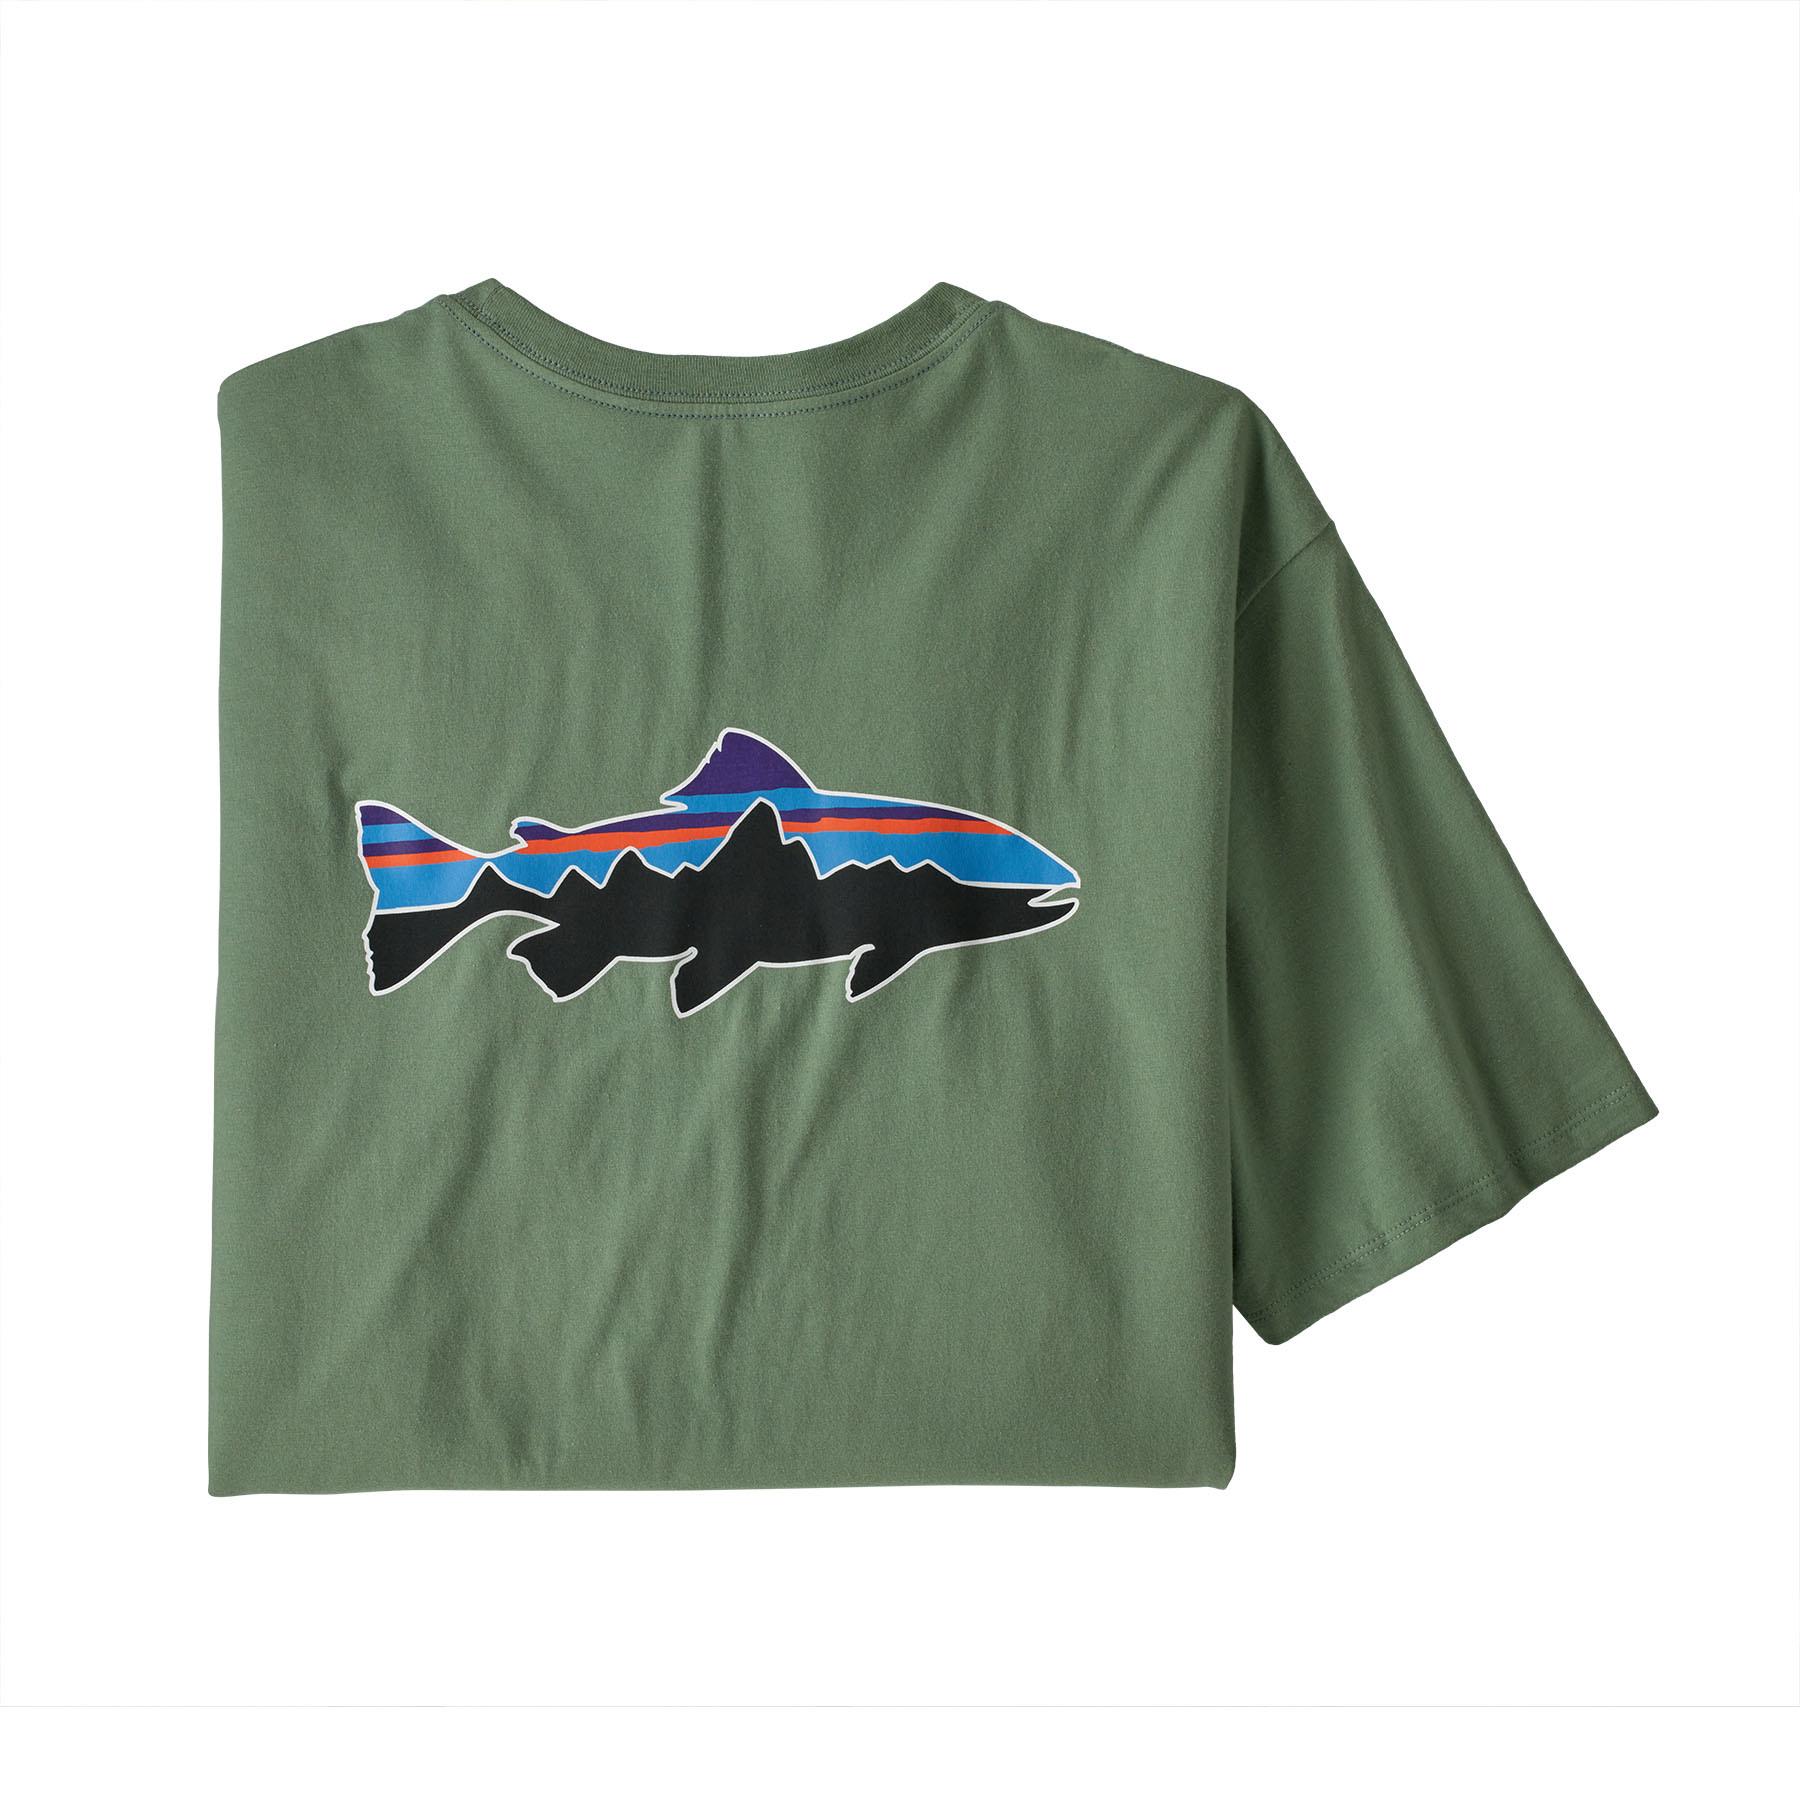 Patagonia Patagonia Fitz Roy Fish Organic T-Shirt